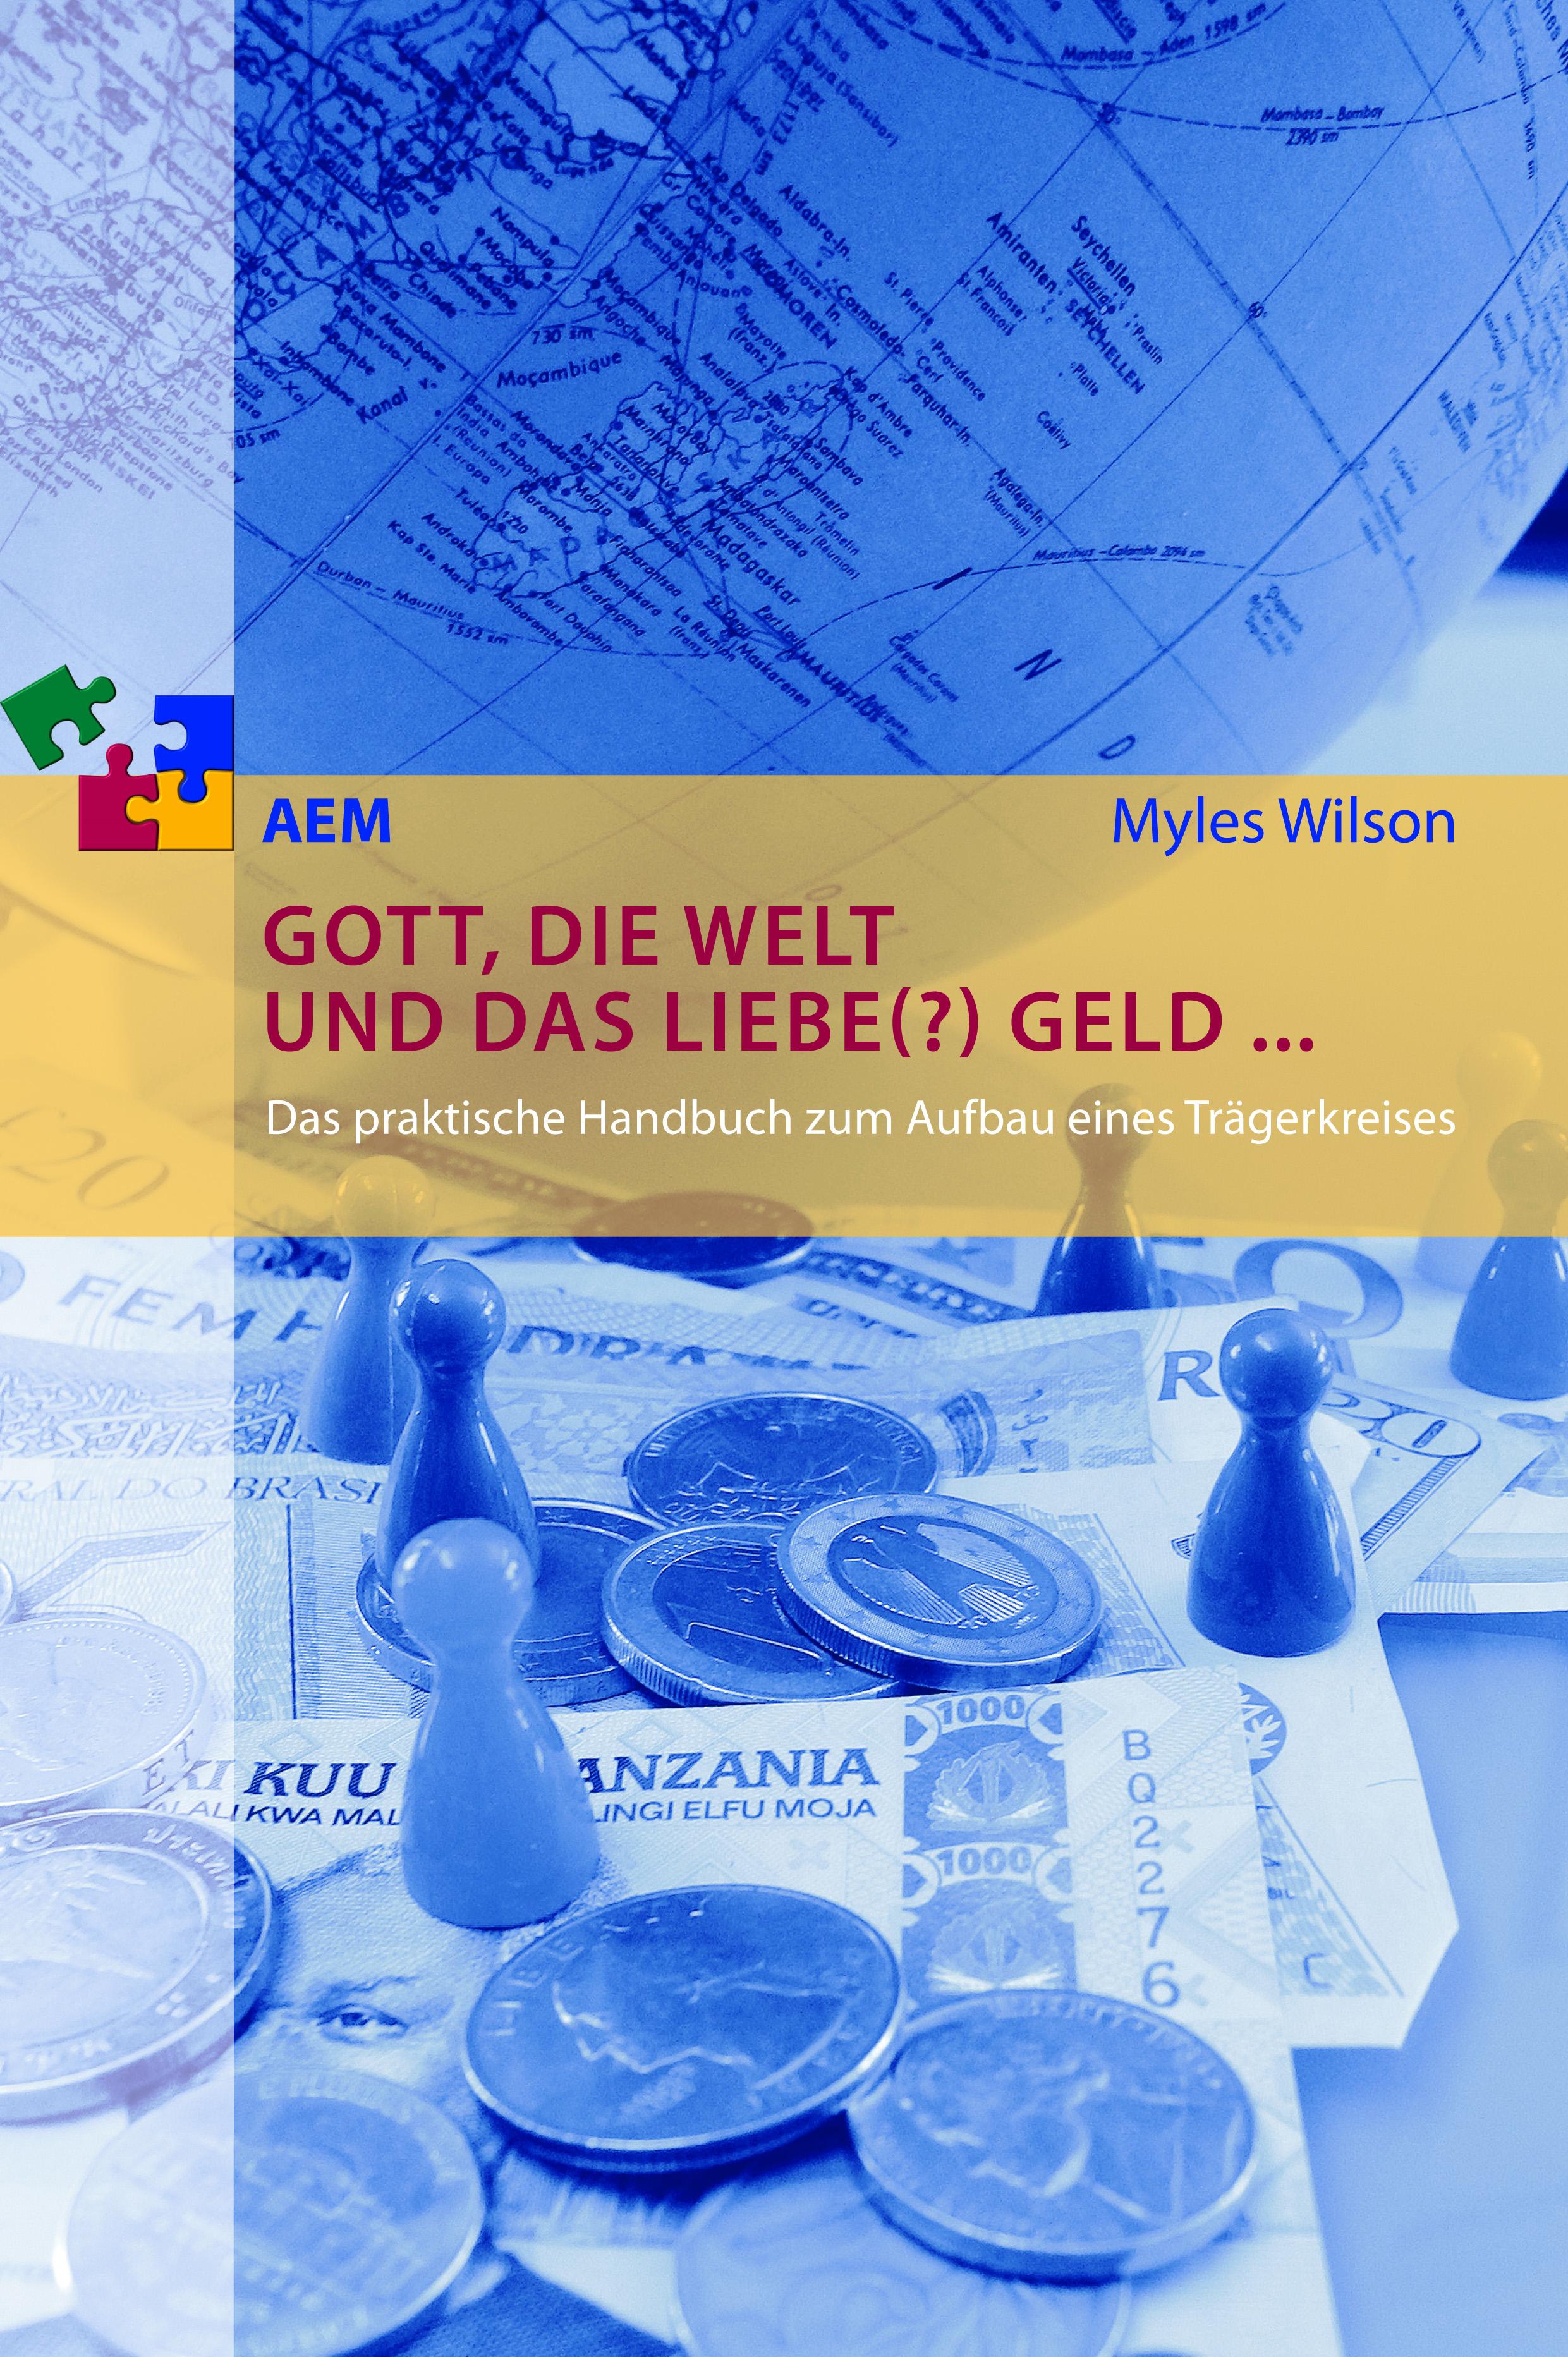 Gott, die Welt und das liebe(?) Geld ...: Das praktische Handbuch zum Aufbau eines Trägerkreisesa